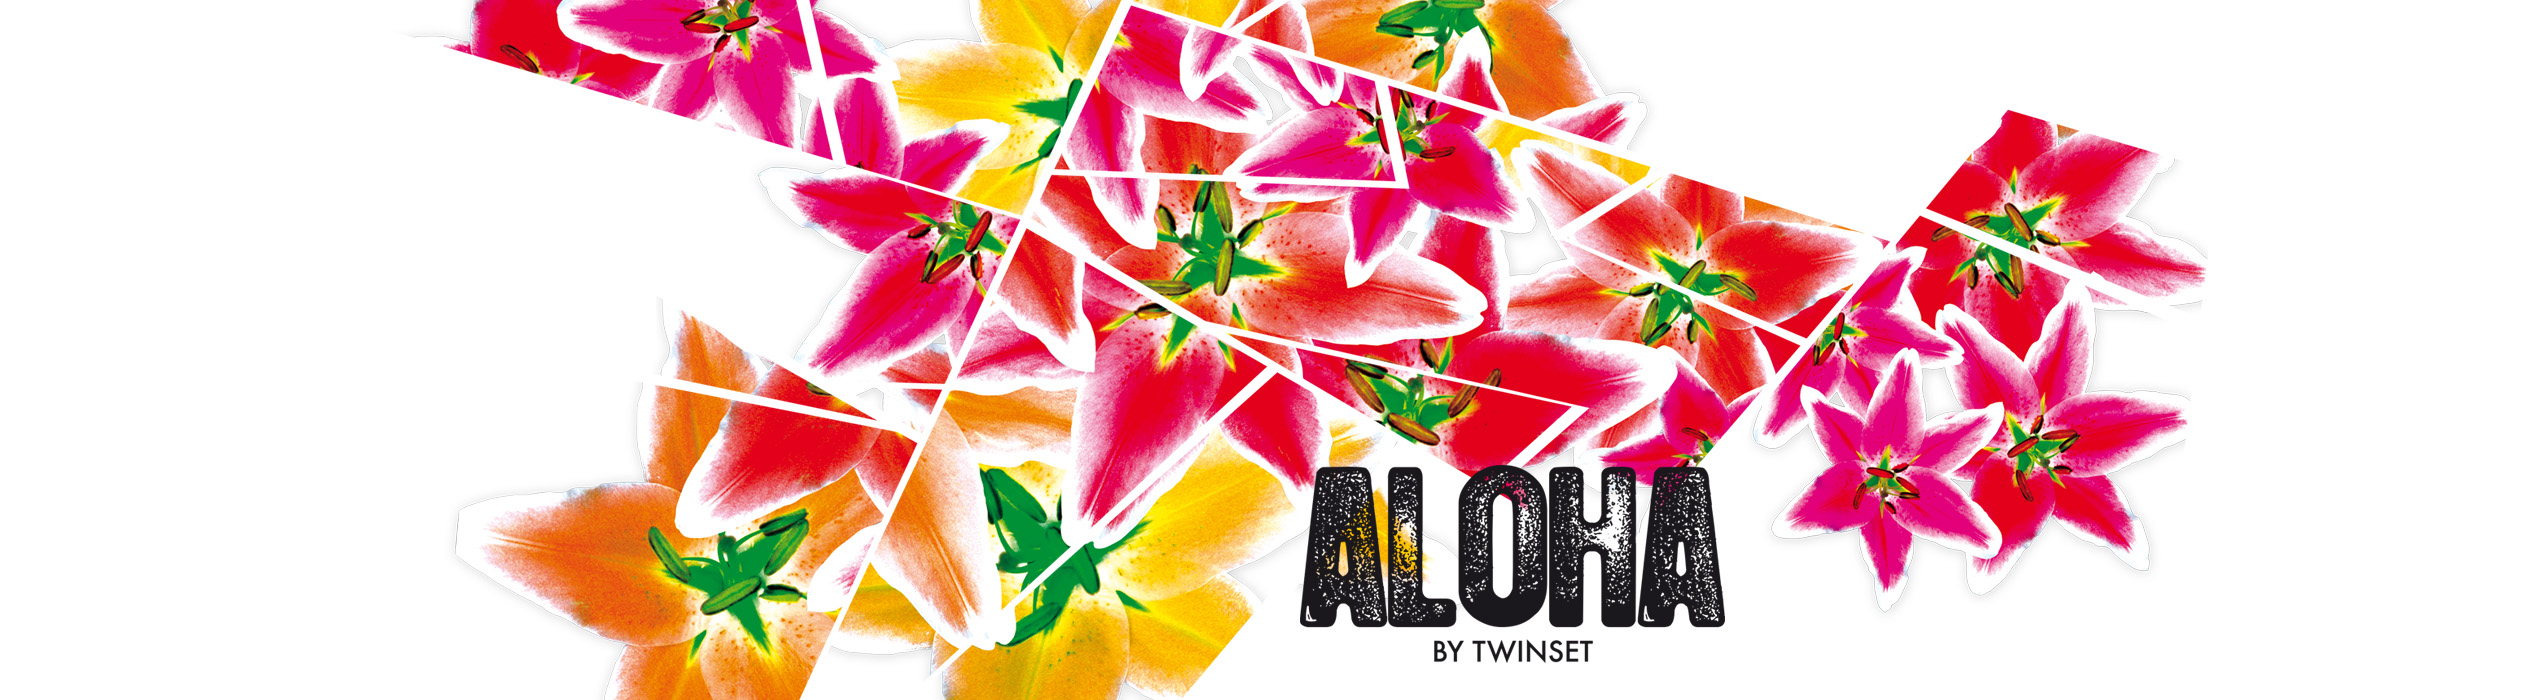 Aloha_artwork_ringel_design©